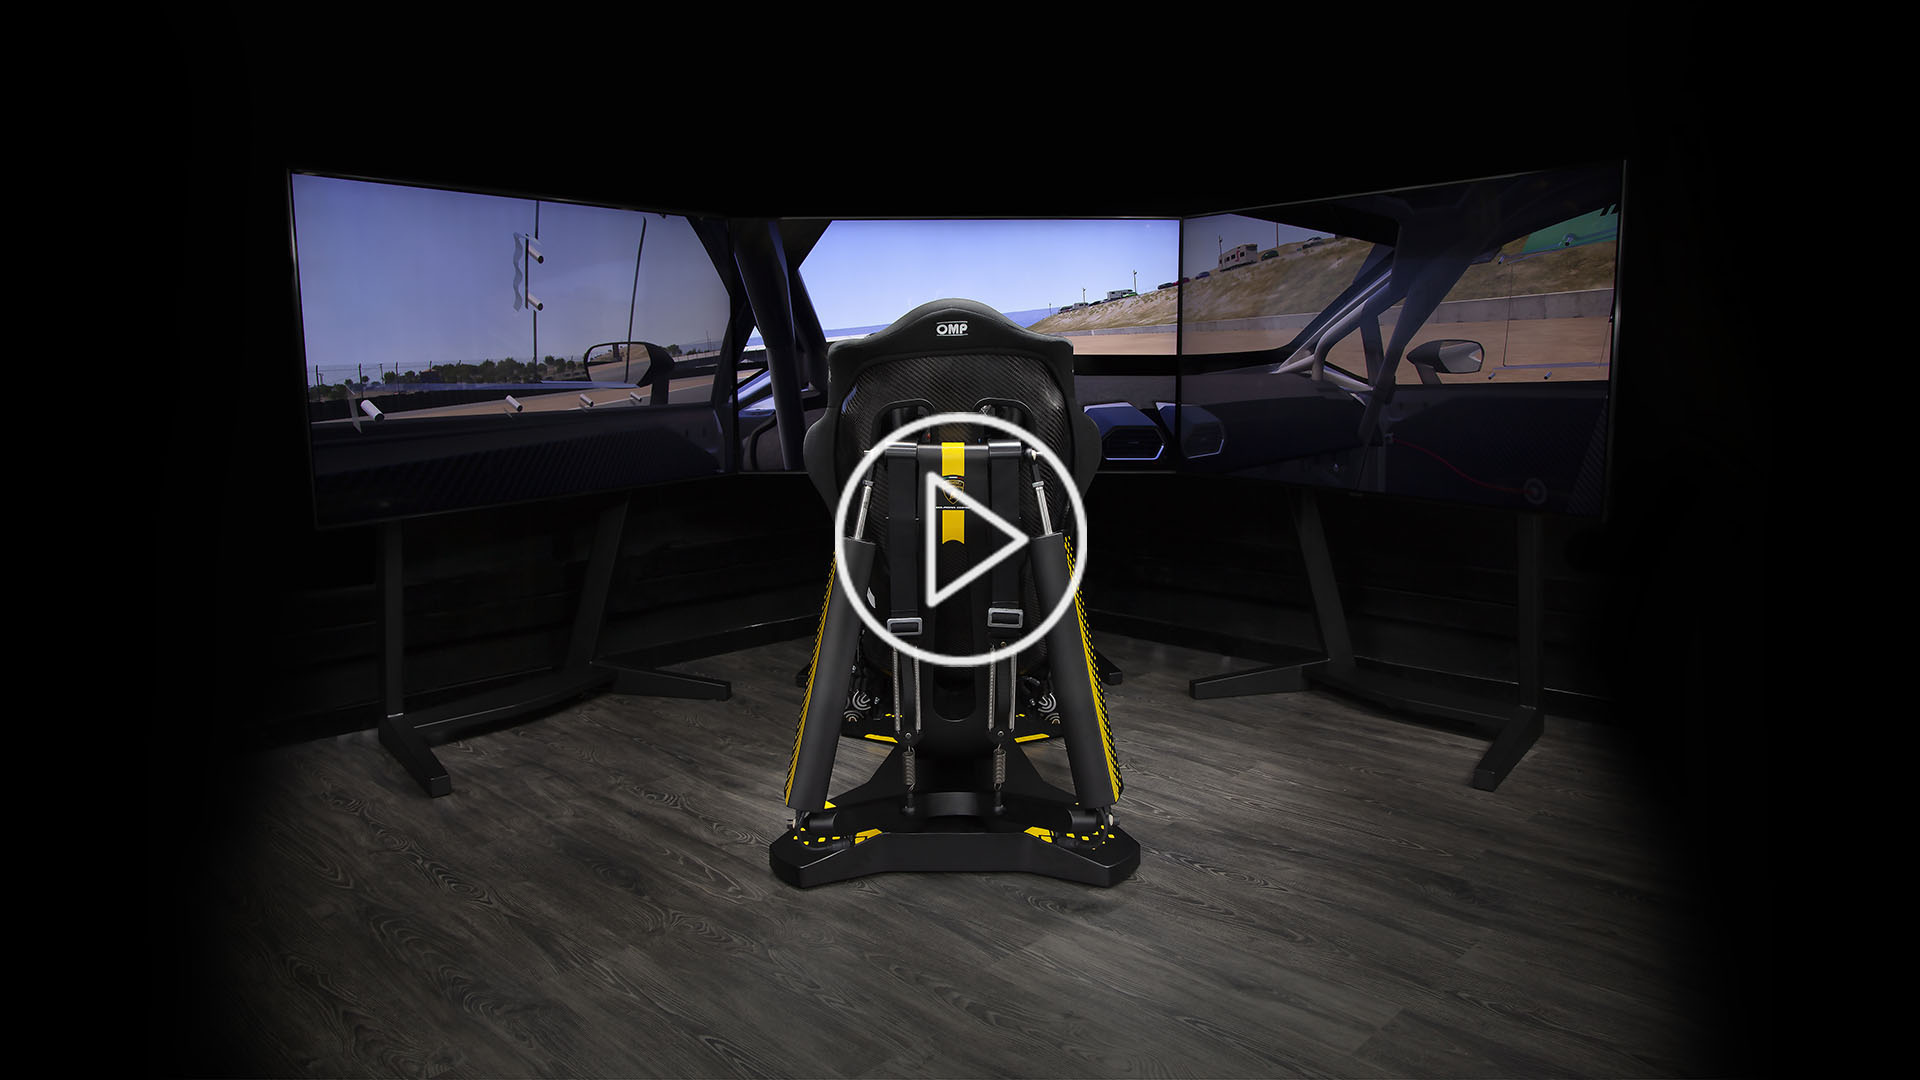 Automobili Lamborghini Super Trofeo Simultor by ImSim with triple screen